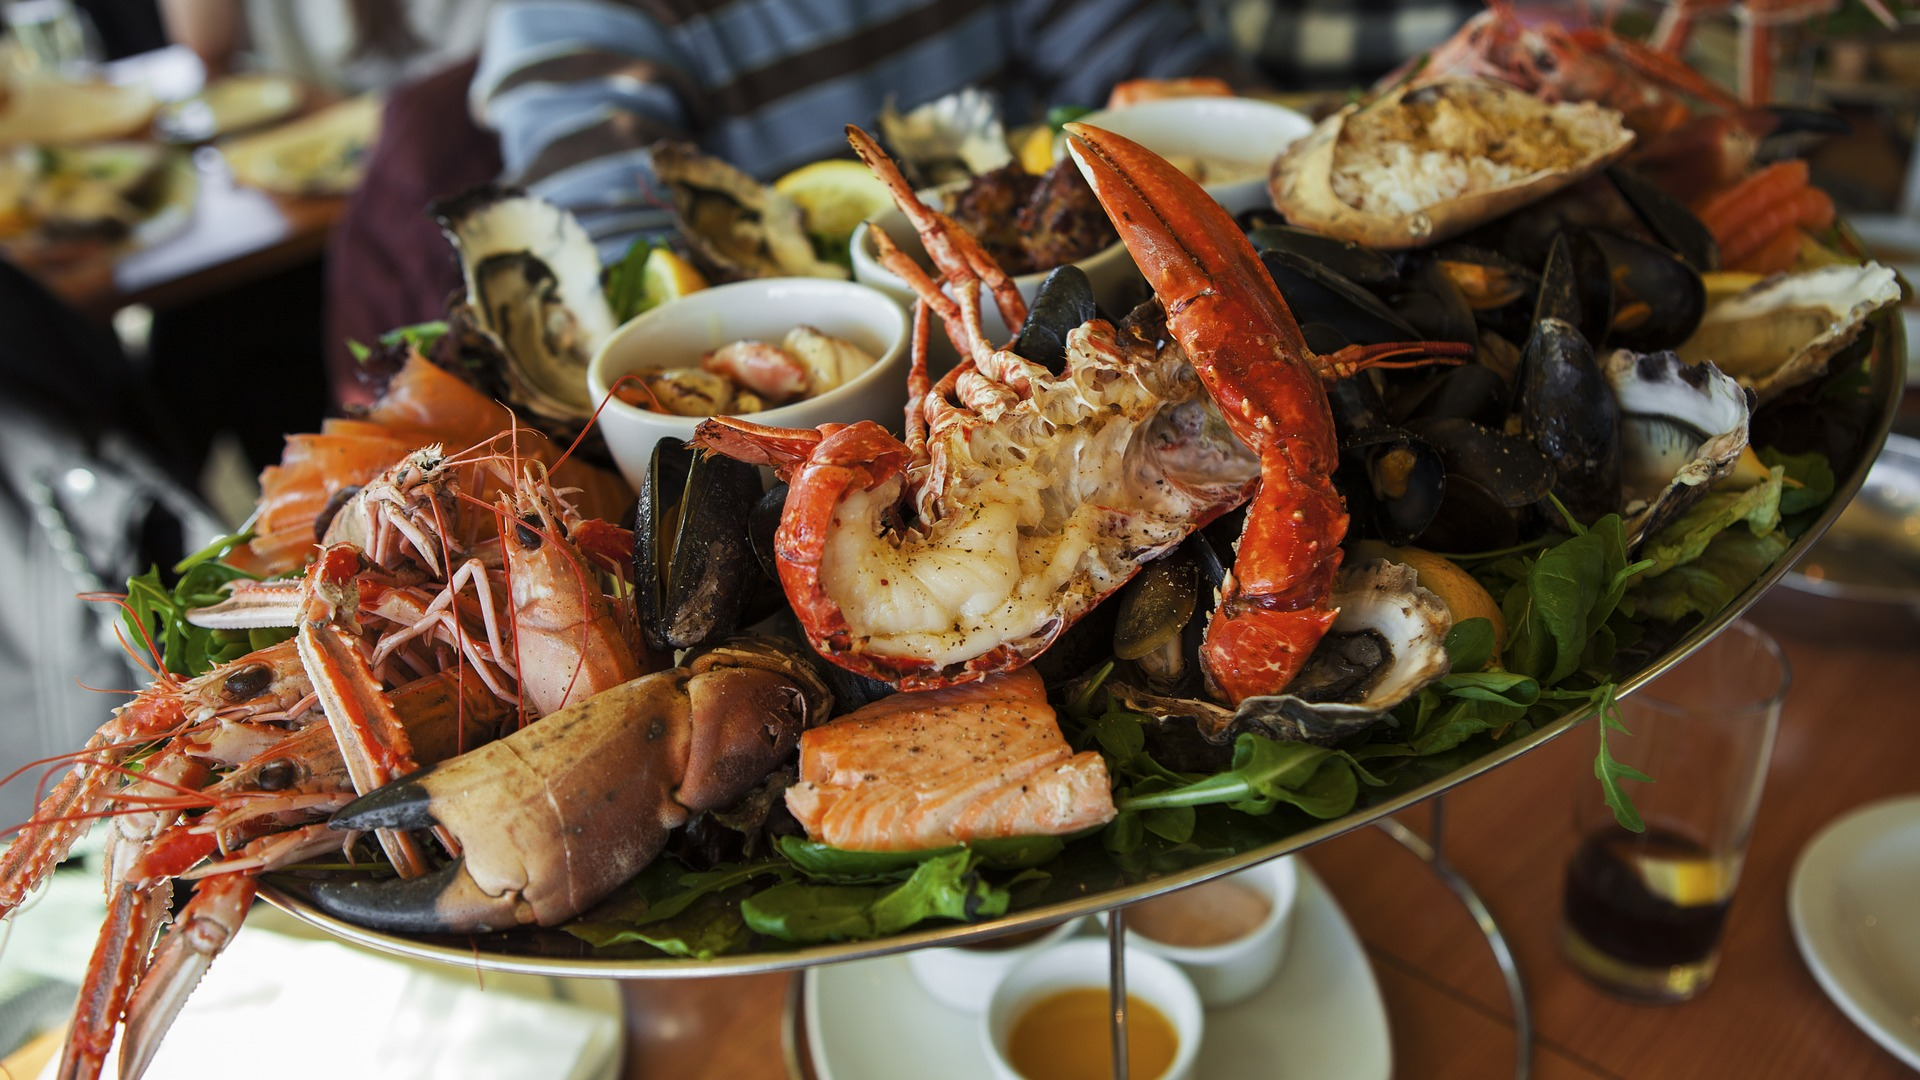 أفضل 10 فوائد للمأكولات البحرية